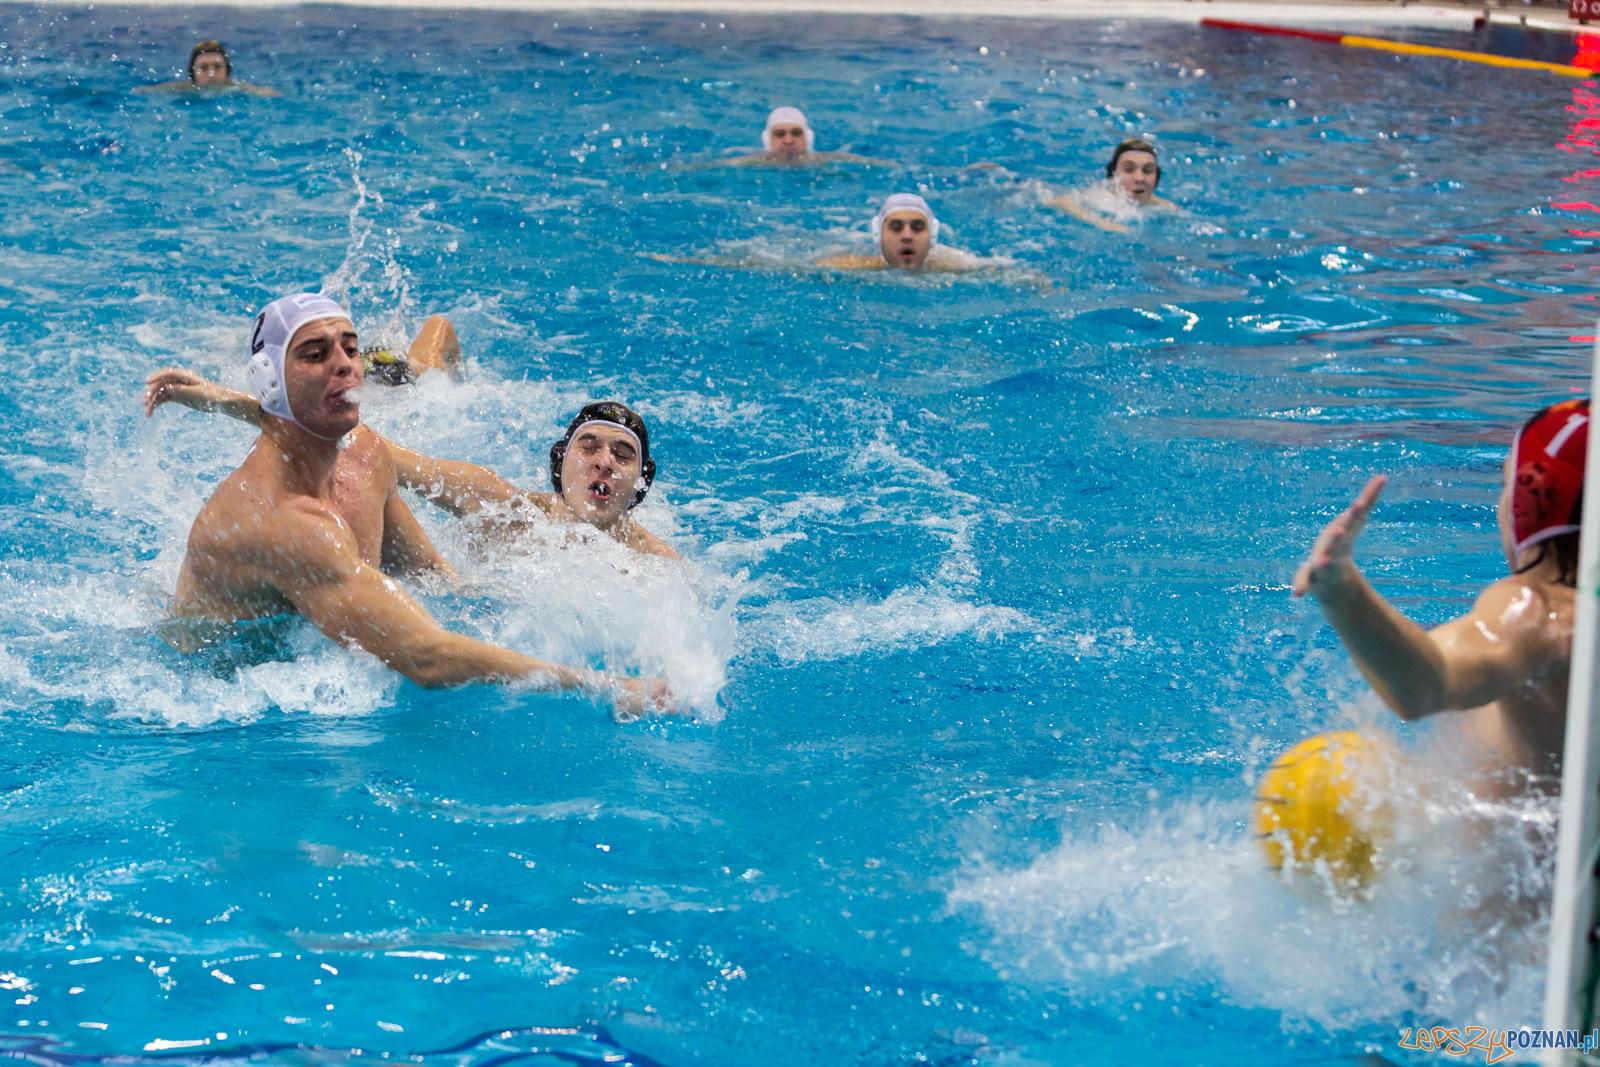 Malta Waterpolo Cup  Foto: lepszyPOZNAN.pl/Piotr Rychter